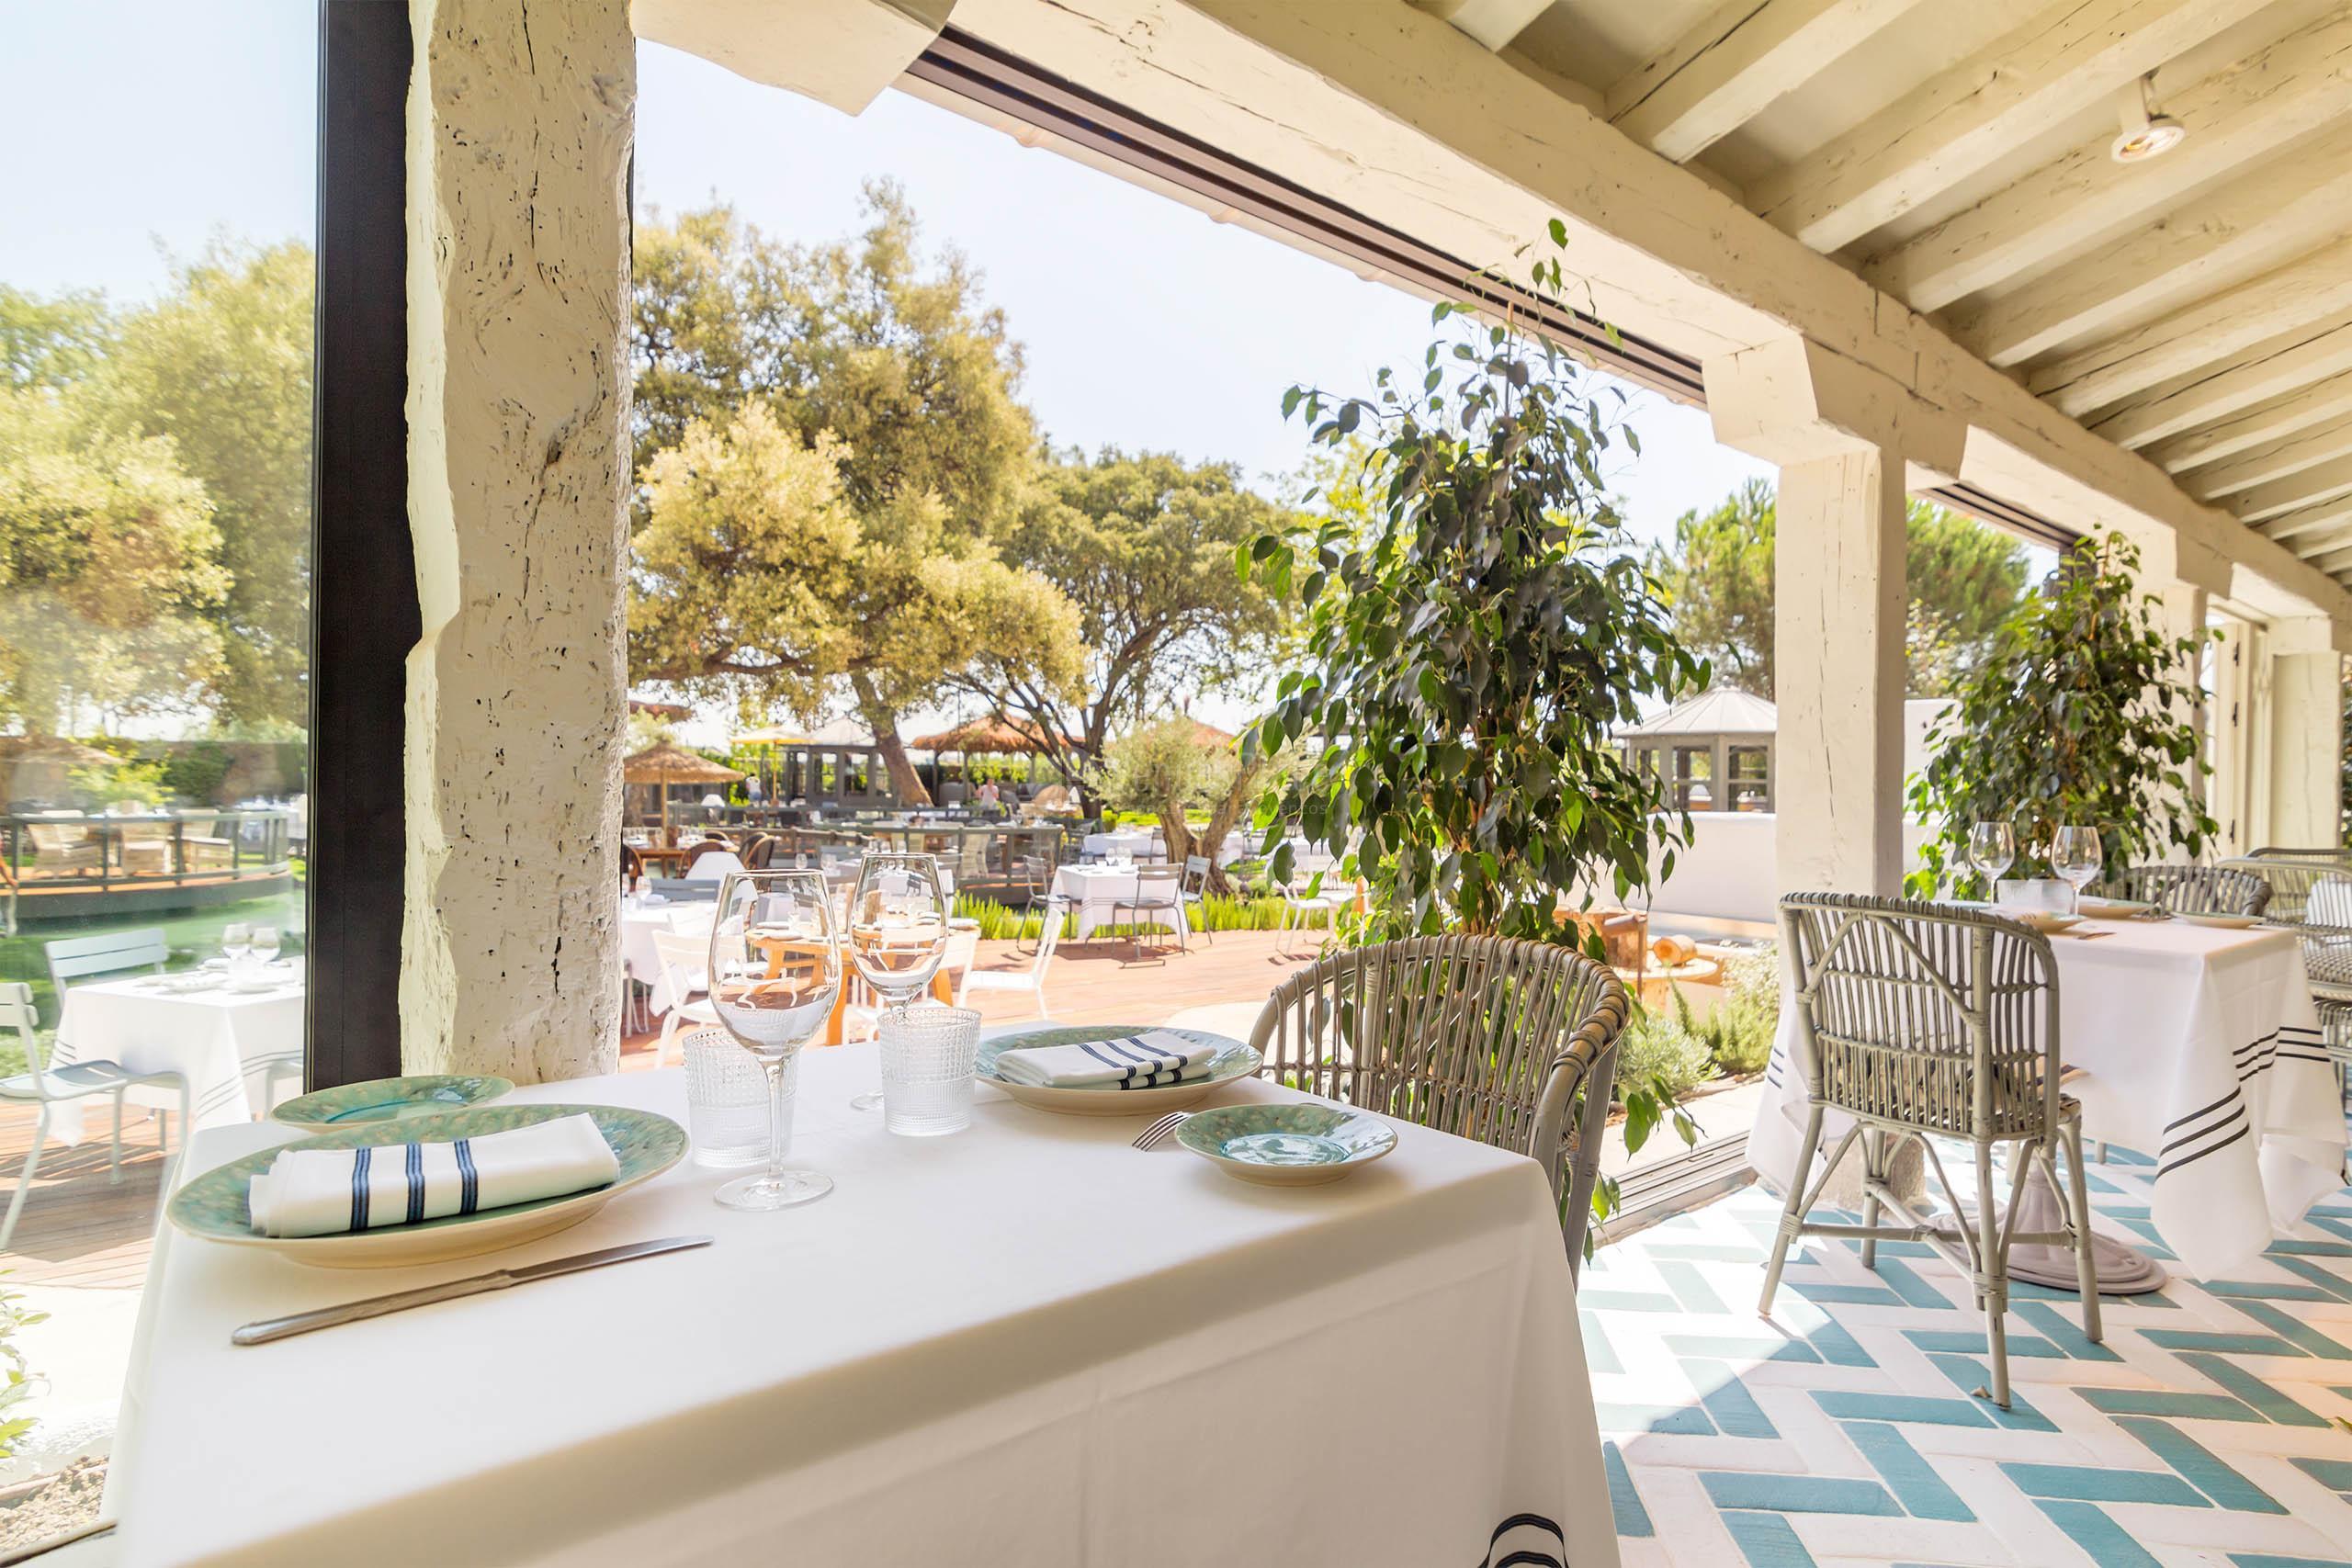 Espacios para comuniones en madrid moncloa aravaca for El jardin de la maquina pozuelo